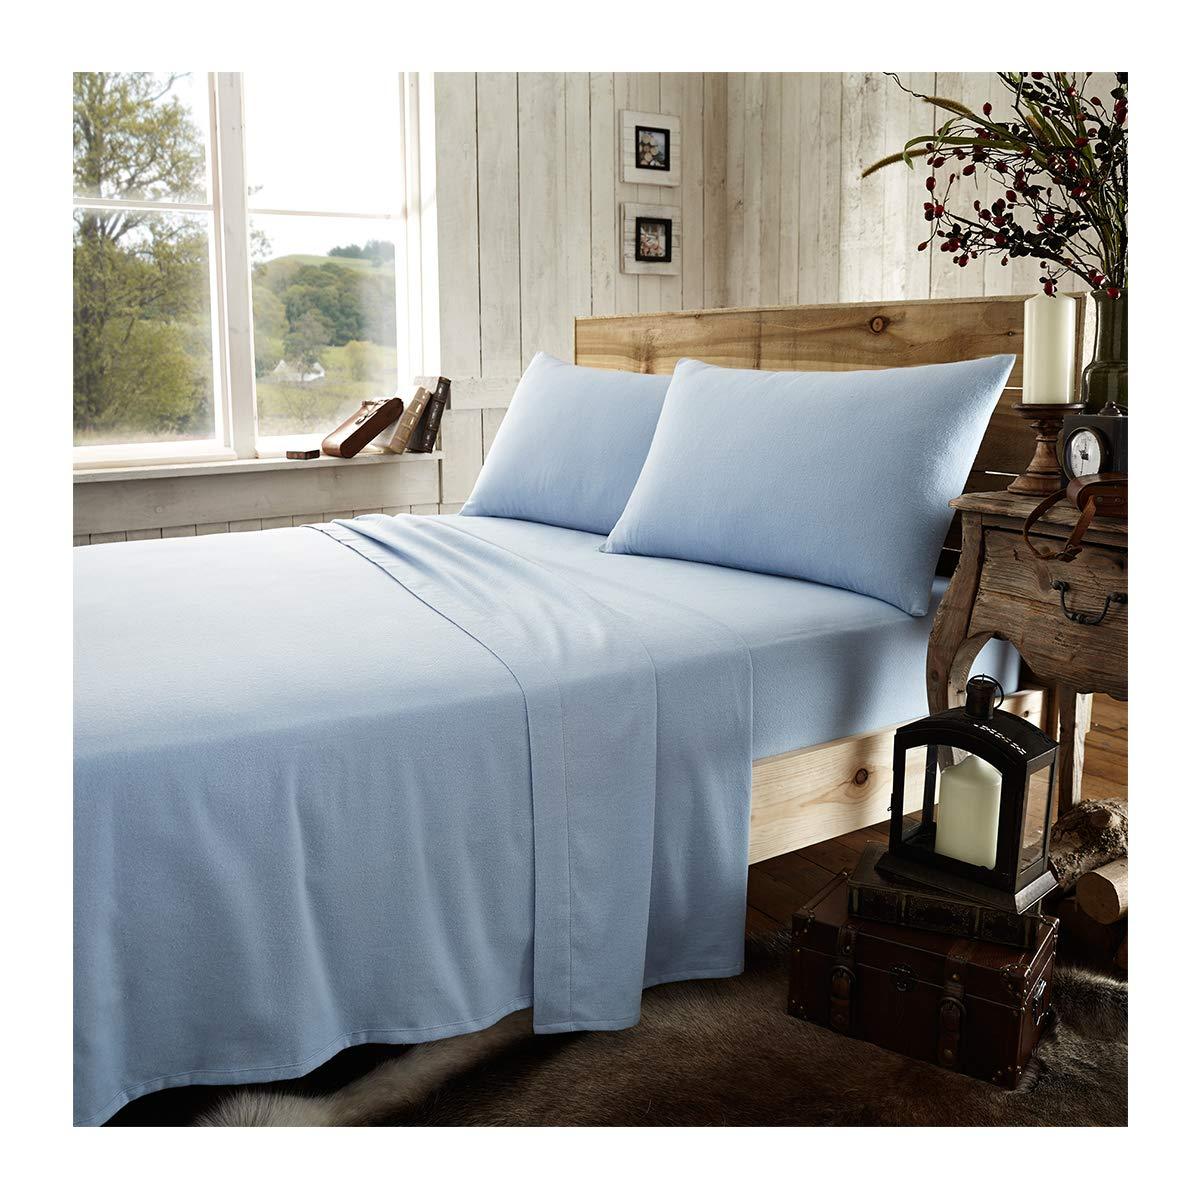 Double - Black Gaveno Cavailia Luxury Brushed 100/% Cotton Plain Dyed Flannel Duvet Set,